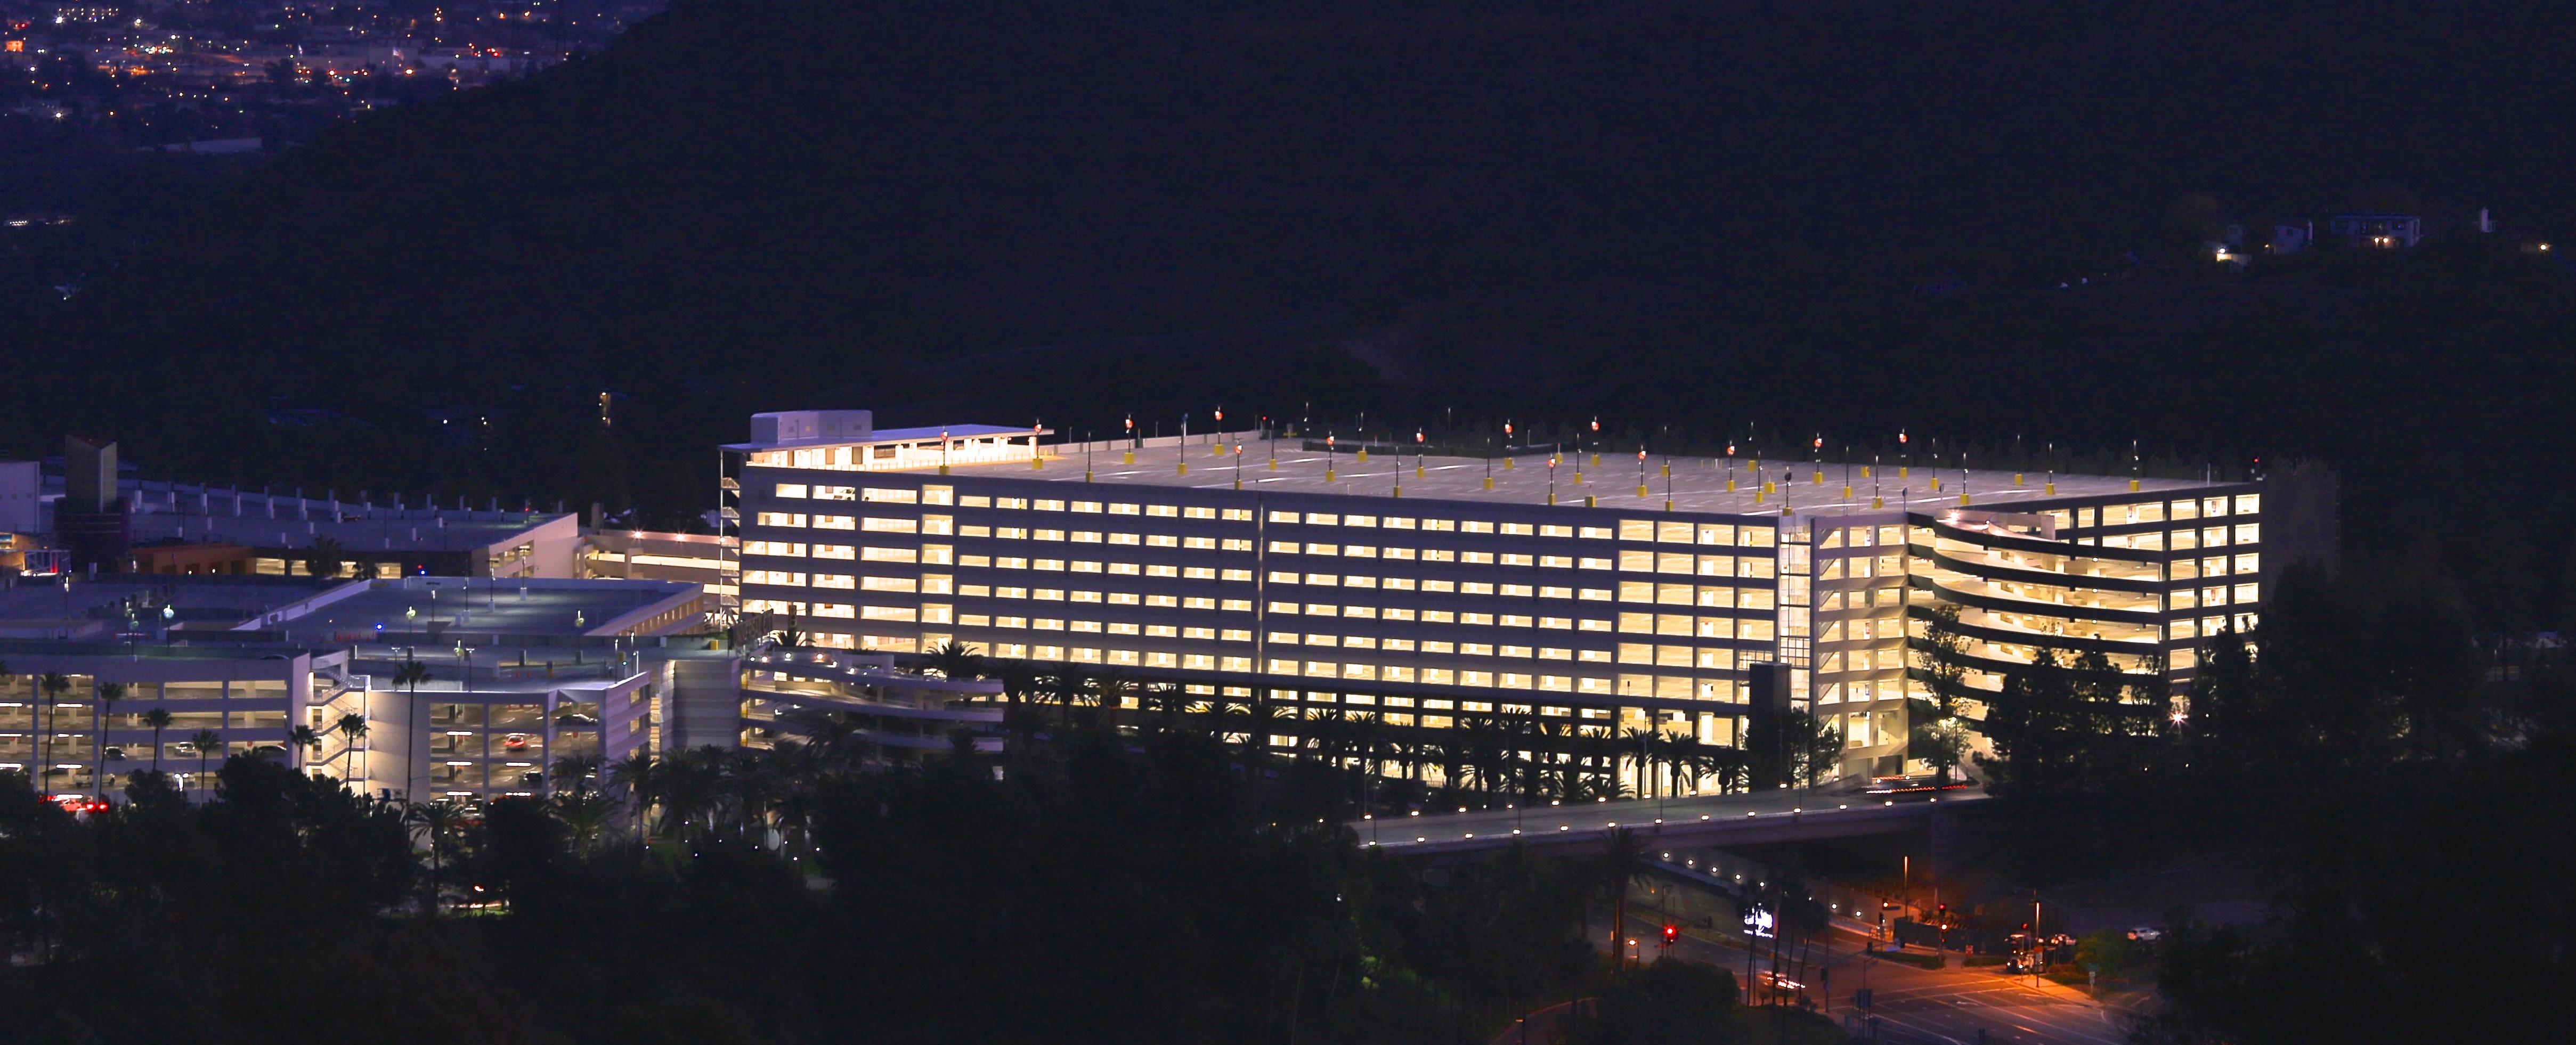 NBCU E.T. Parking Structure